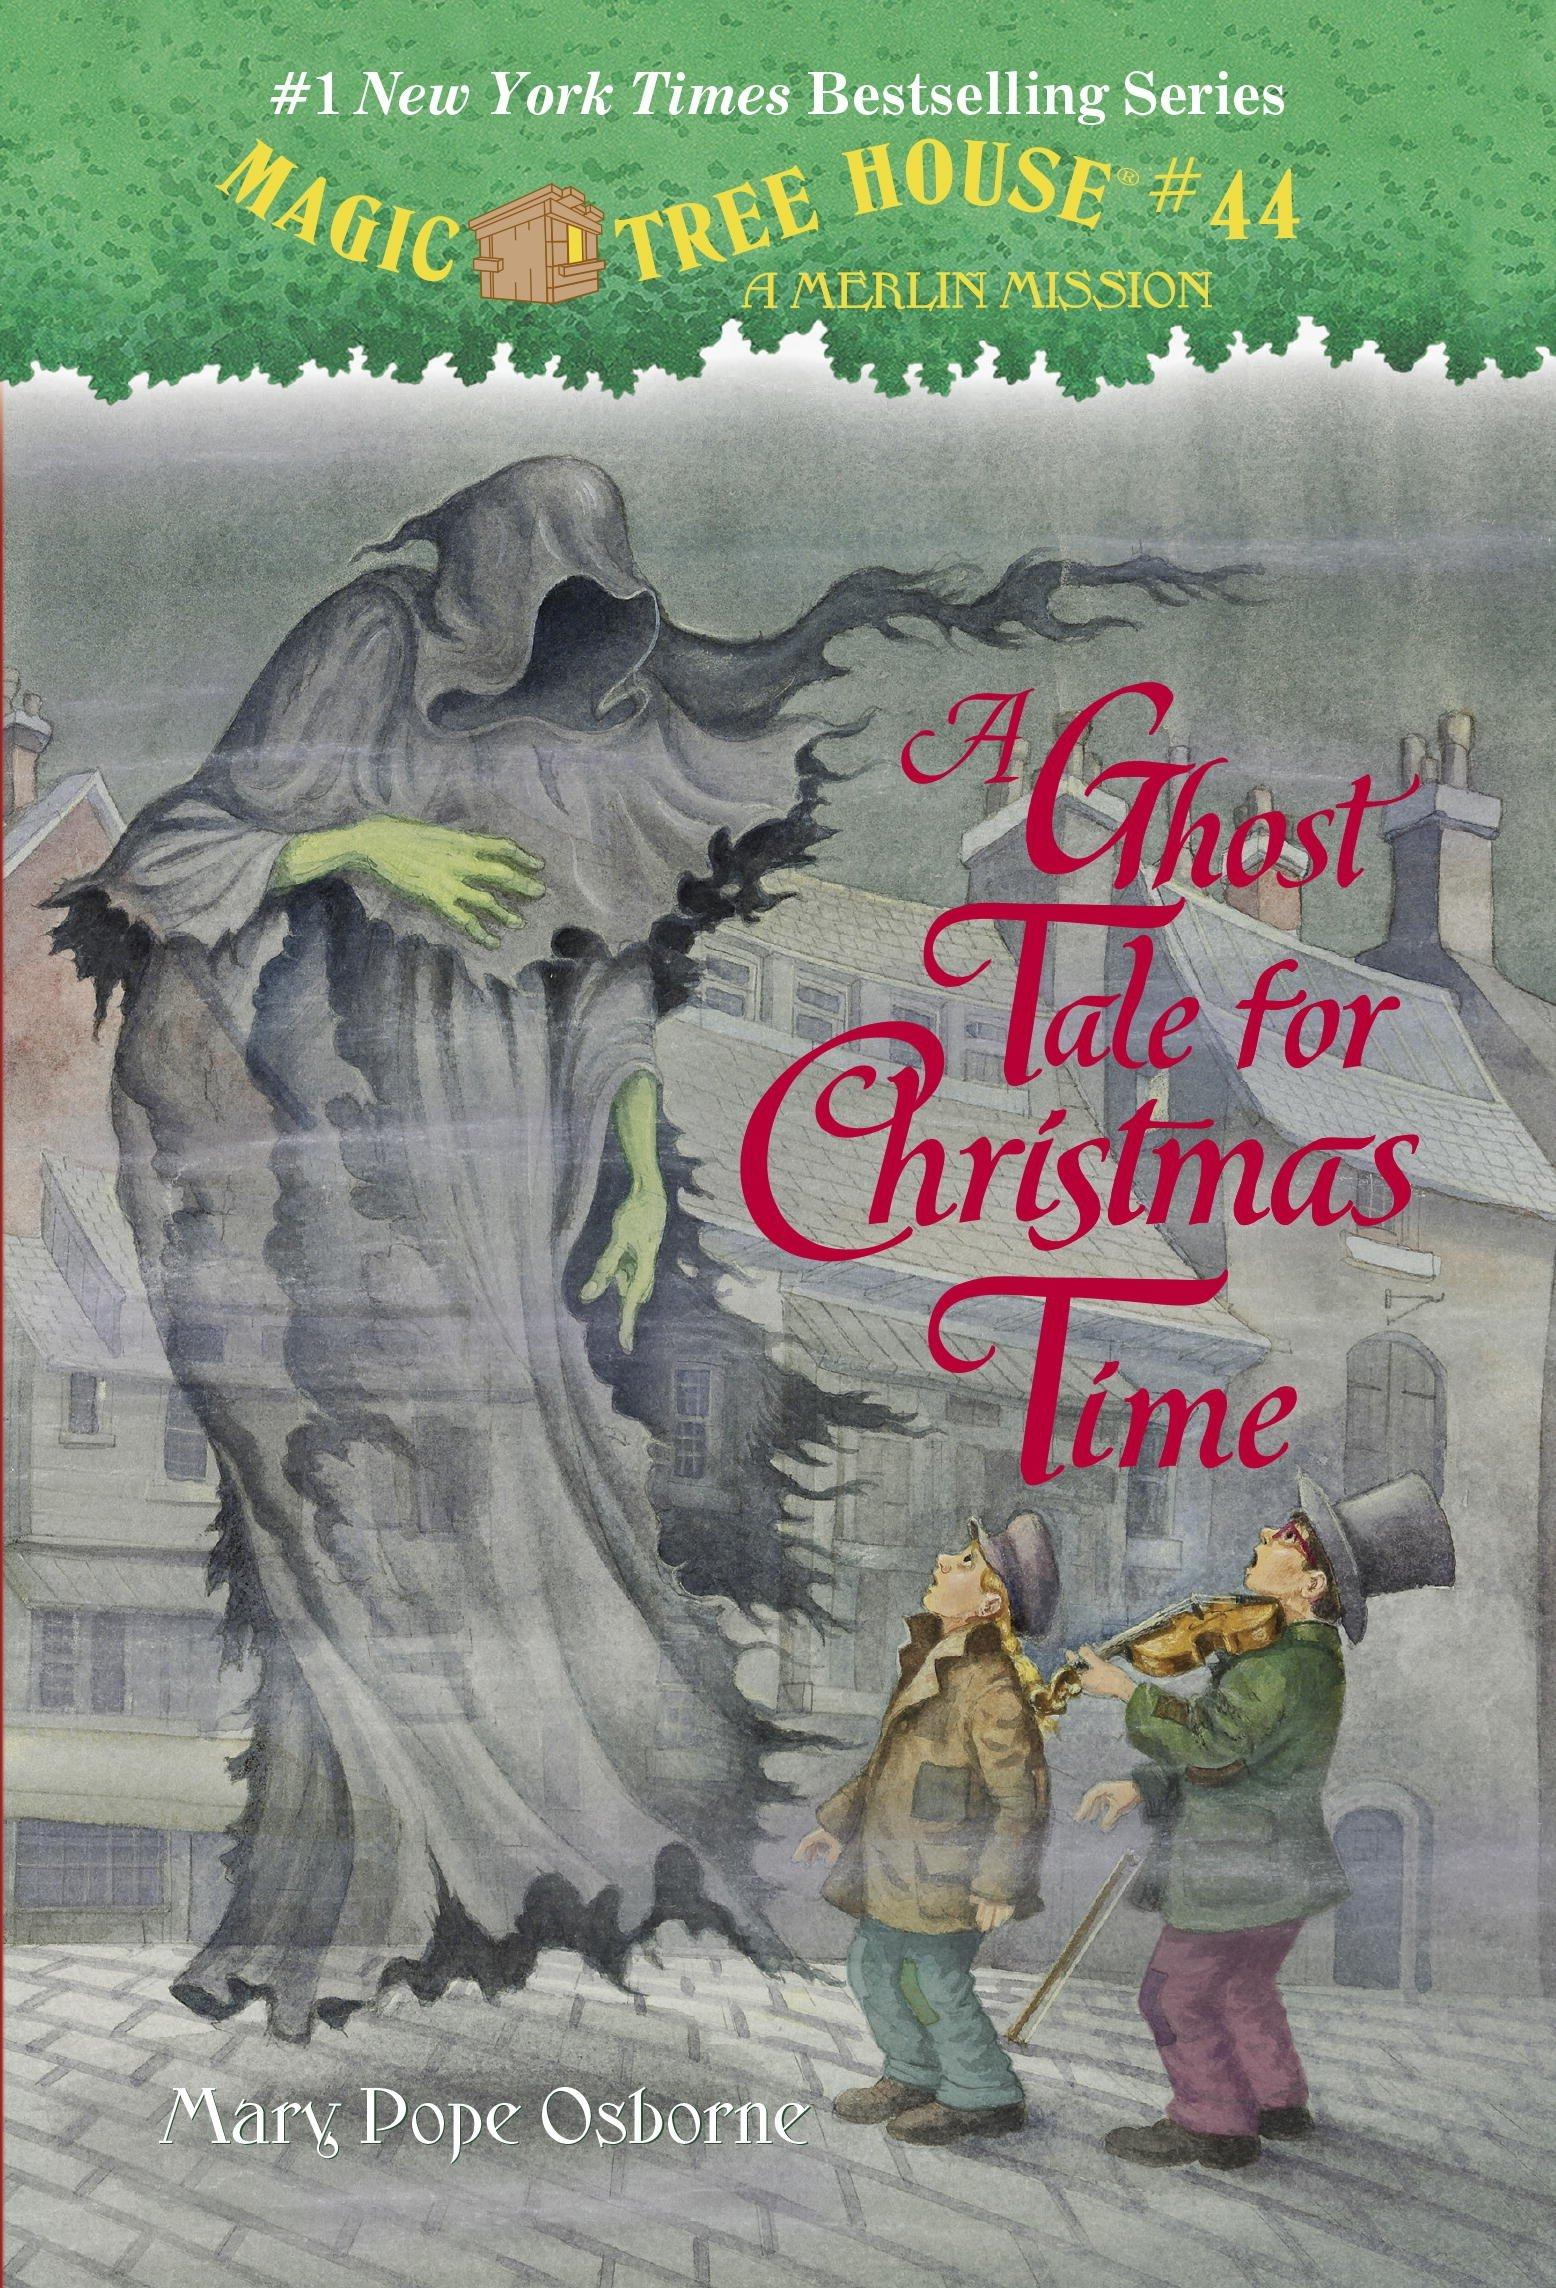 magic tree house series list